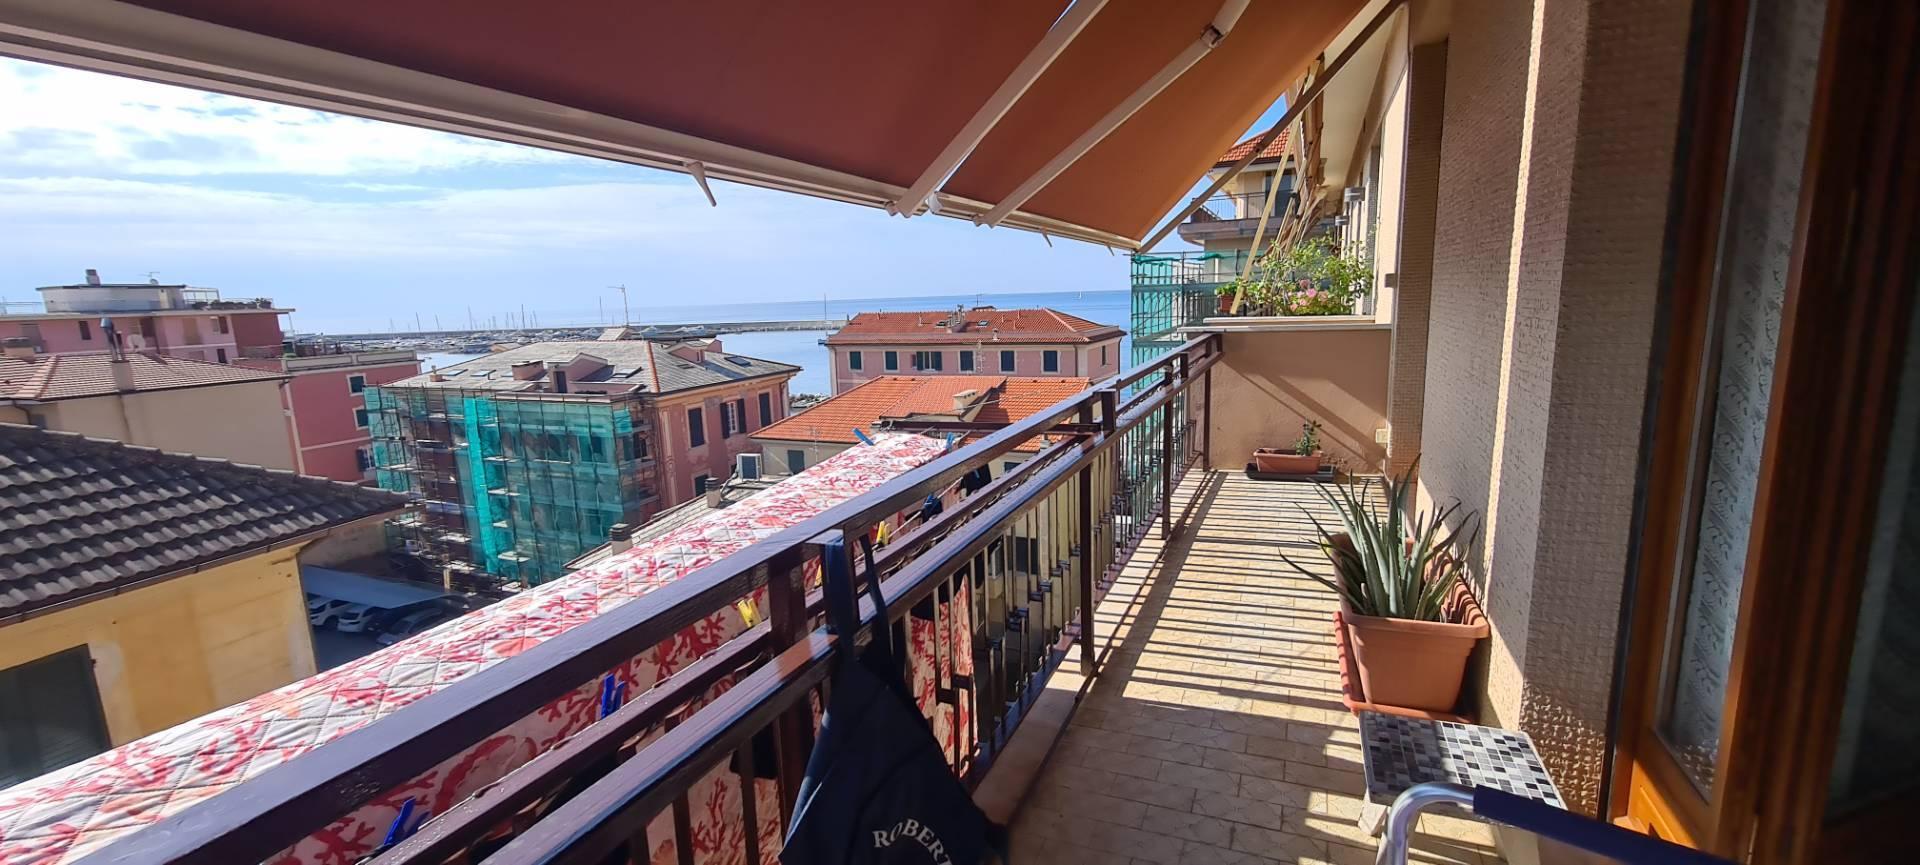 Appartamento in vendita a Chiavari, 4 locali, zona Località: LUNGOMARE, prezzo € 335.000 | PortaleAgenzieImmobiliari.it